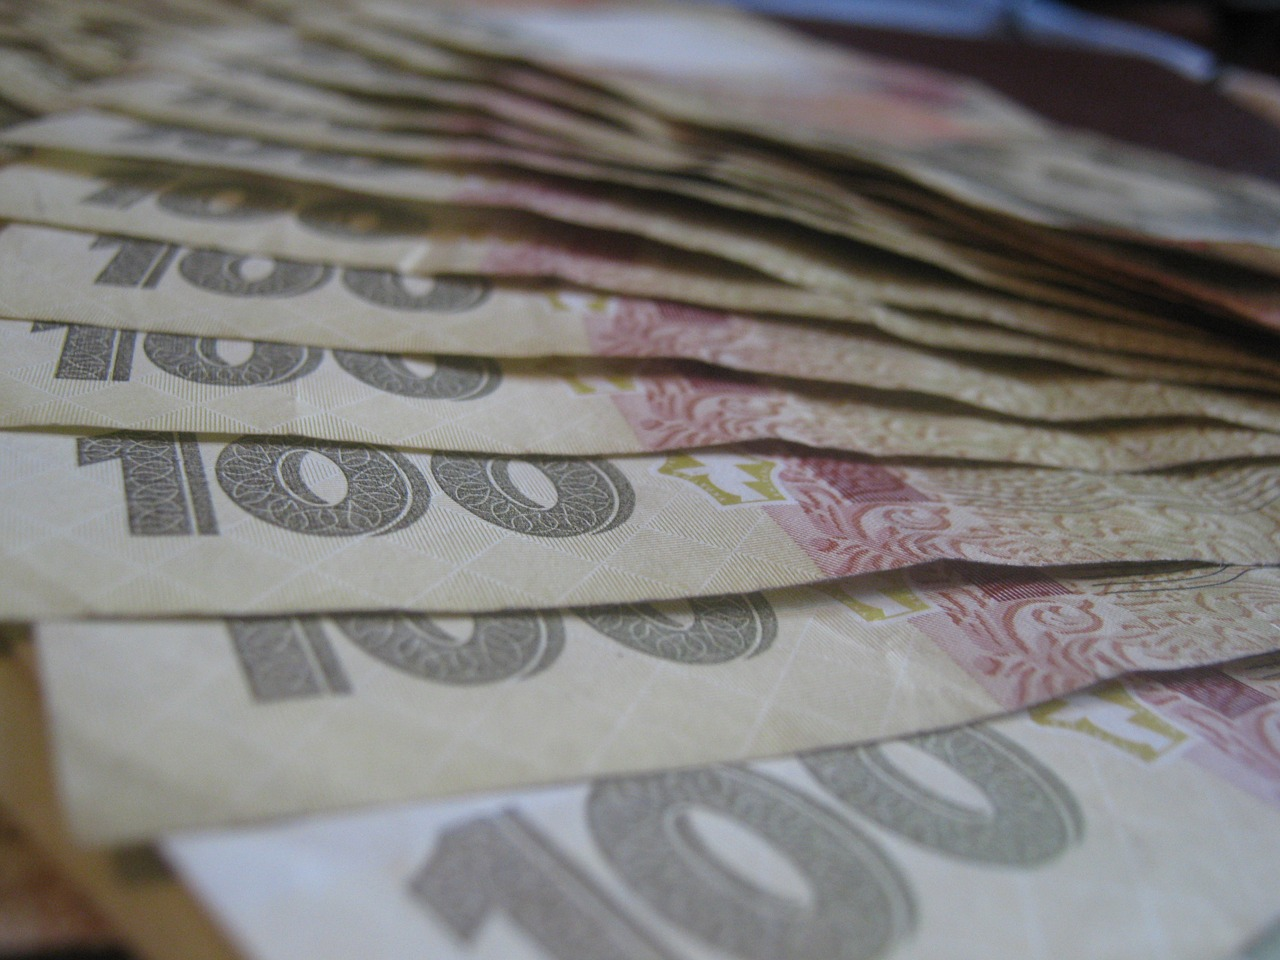 Петрашко: Макроекономічні показники України торік були кращими, ніж прогнозувалося